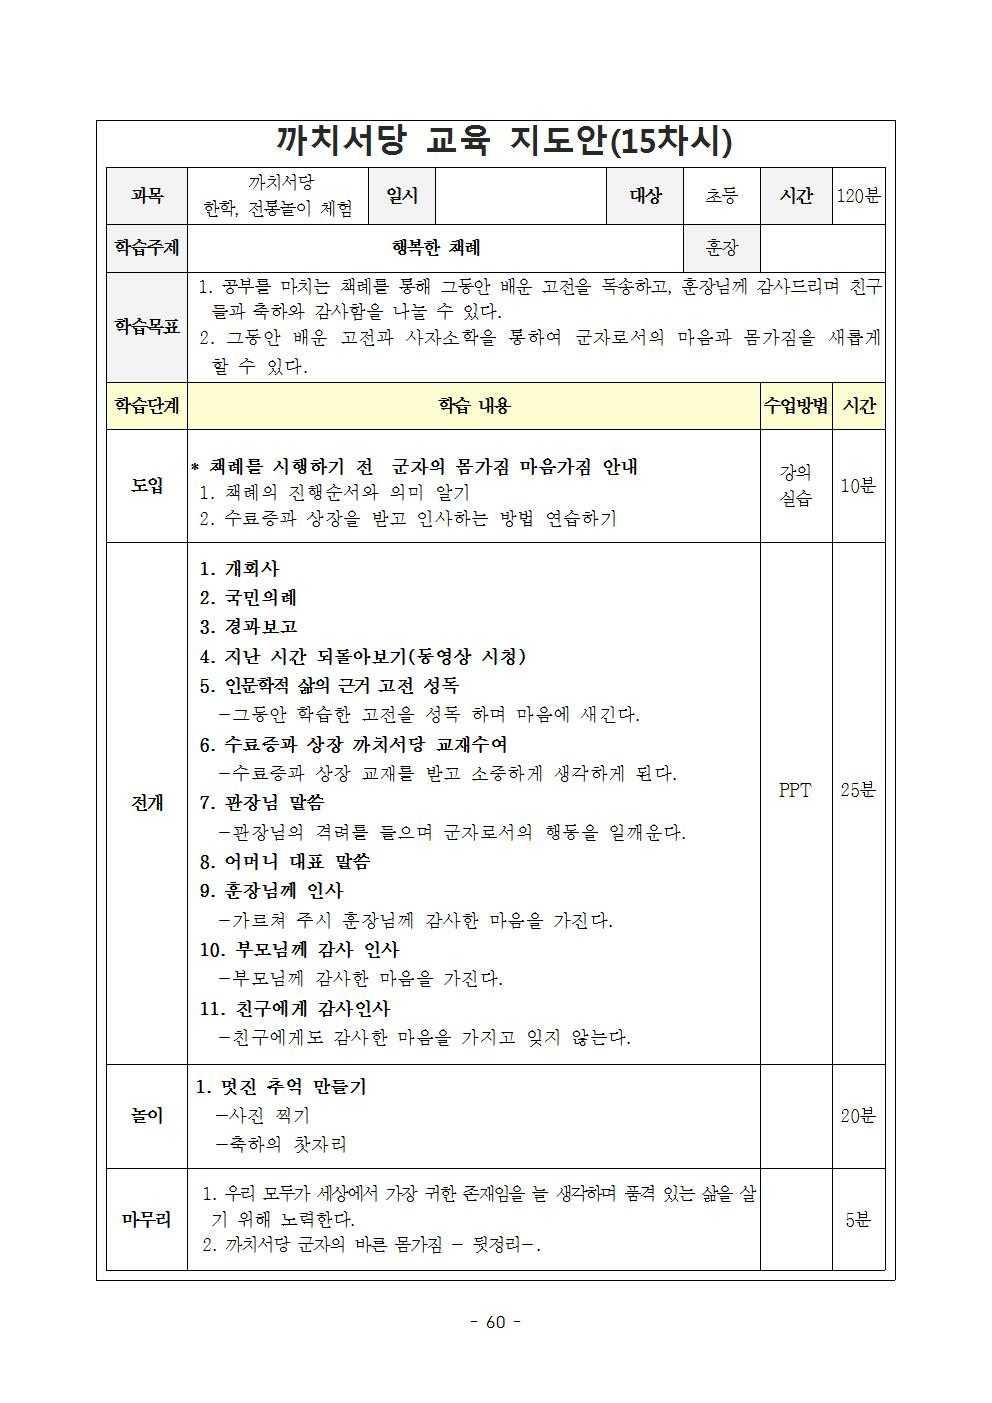 [인증]인성교육프로그램 인중 신청-까치서당(까치서당에서 군자되다)한국지역사회교육협의회 추가서류수정060.jpg